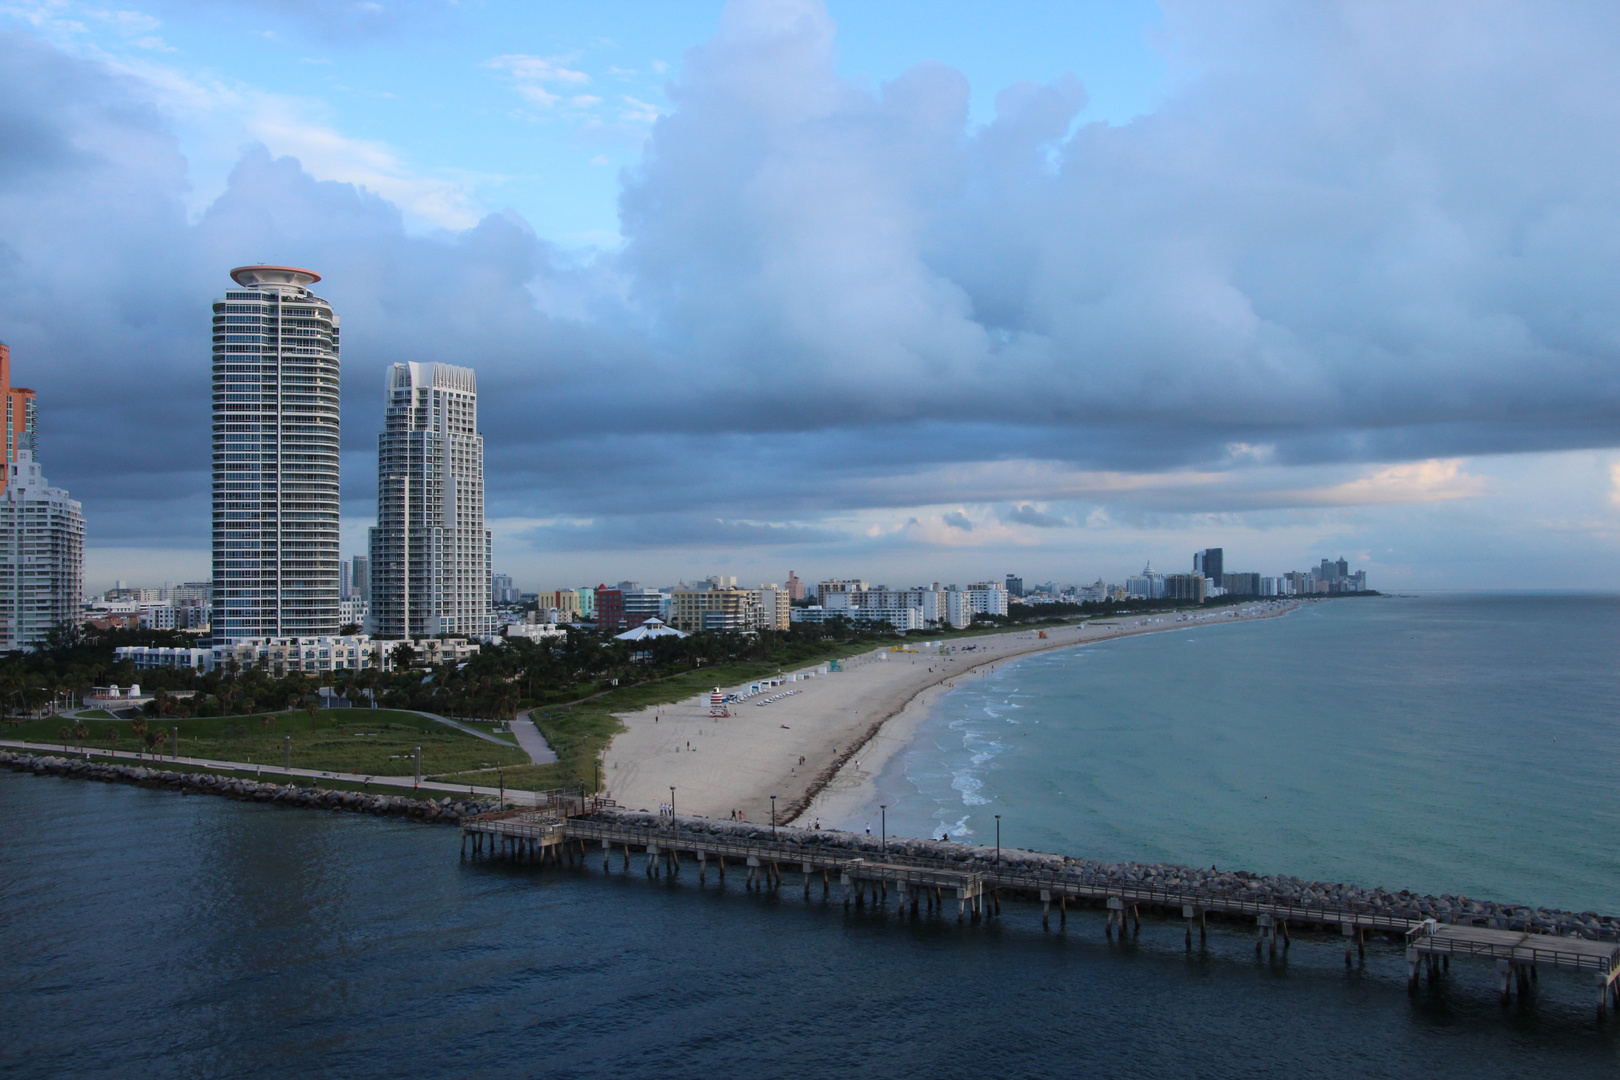 Miami Beach am frühen Morgen